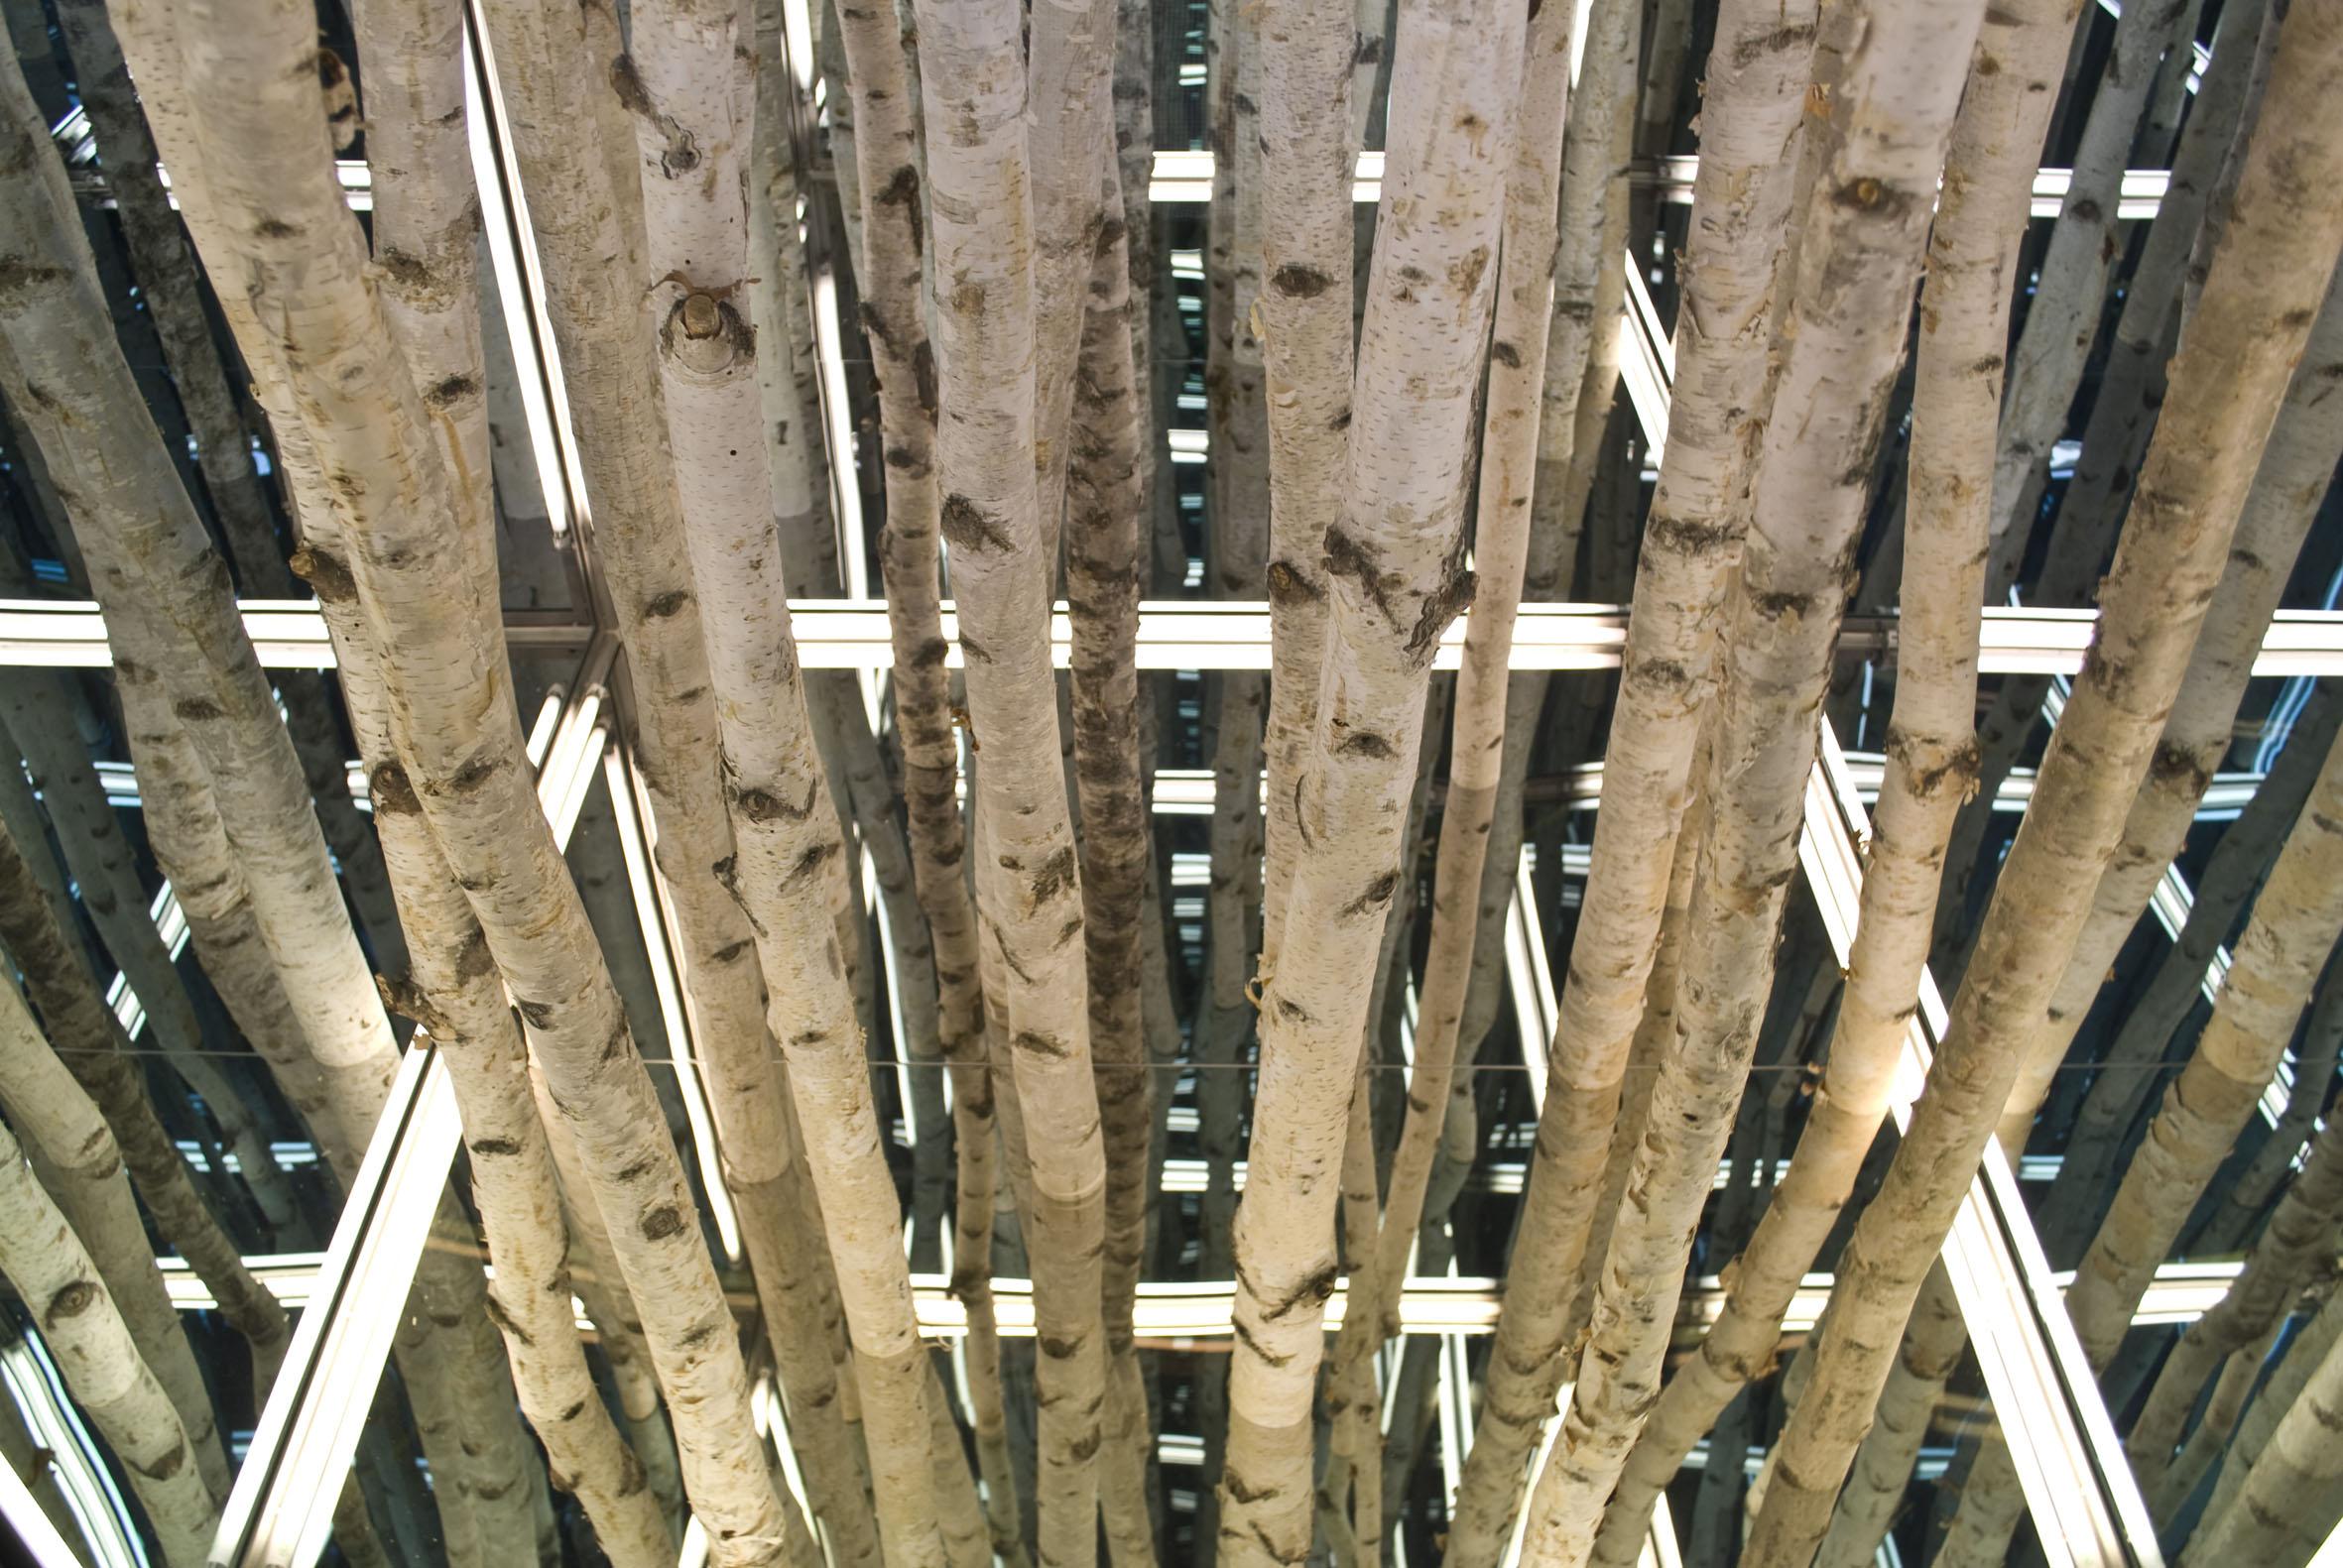 Antony James, Birch cube (particolare), 2011 betulle, alluminio, vetro, luci al led, cm 100x100x100, Courtesy dell'artista e Brand New Gallery, Milano